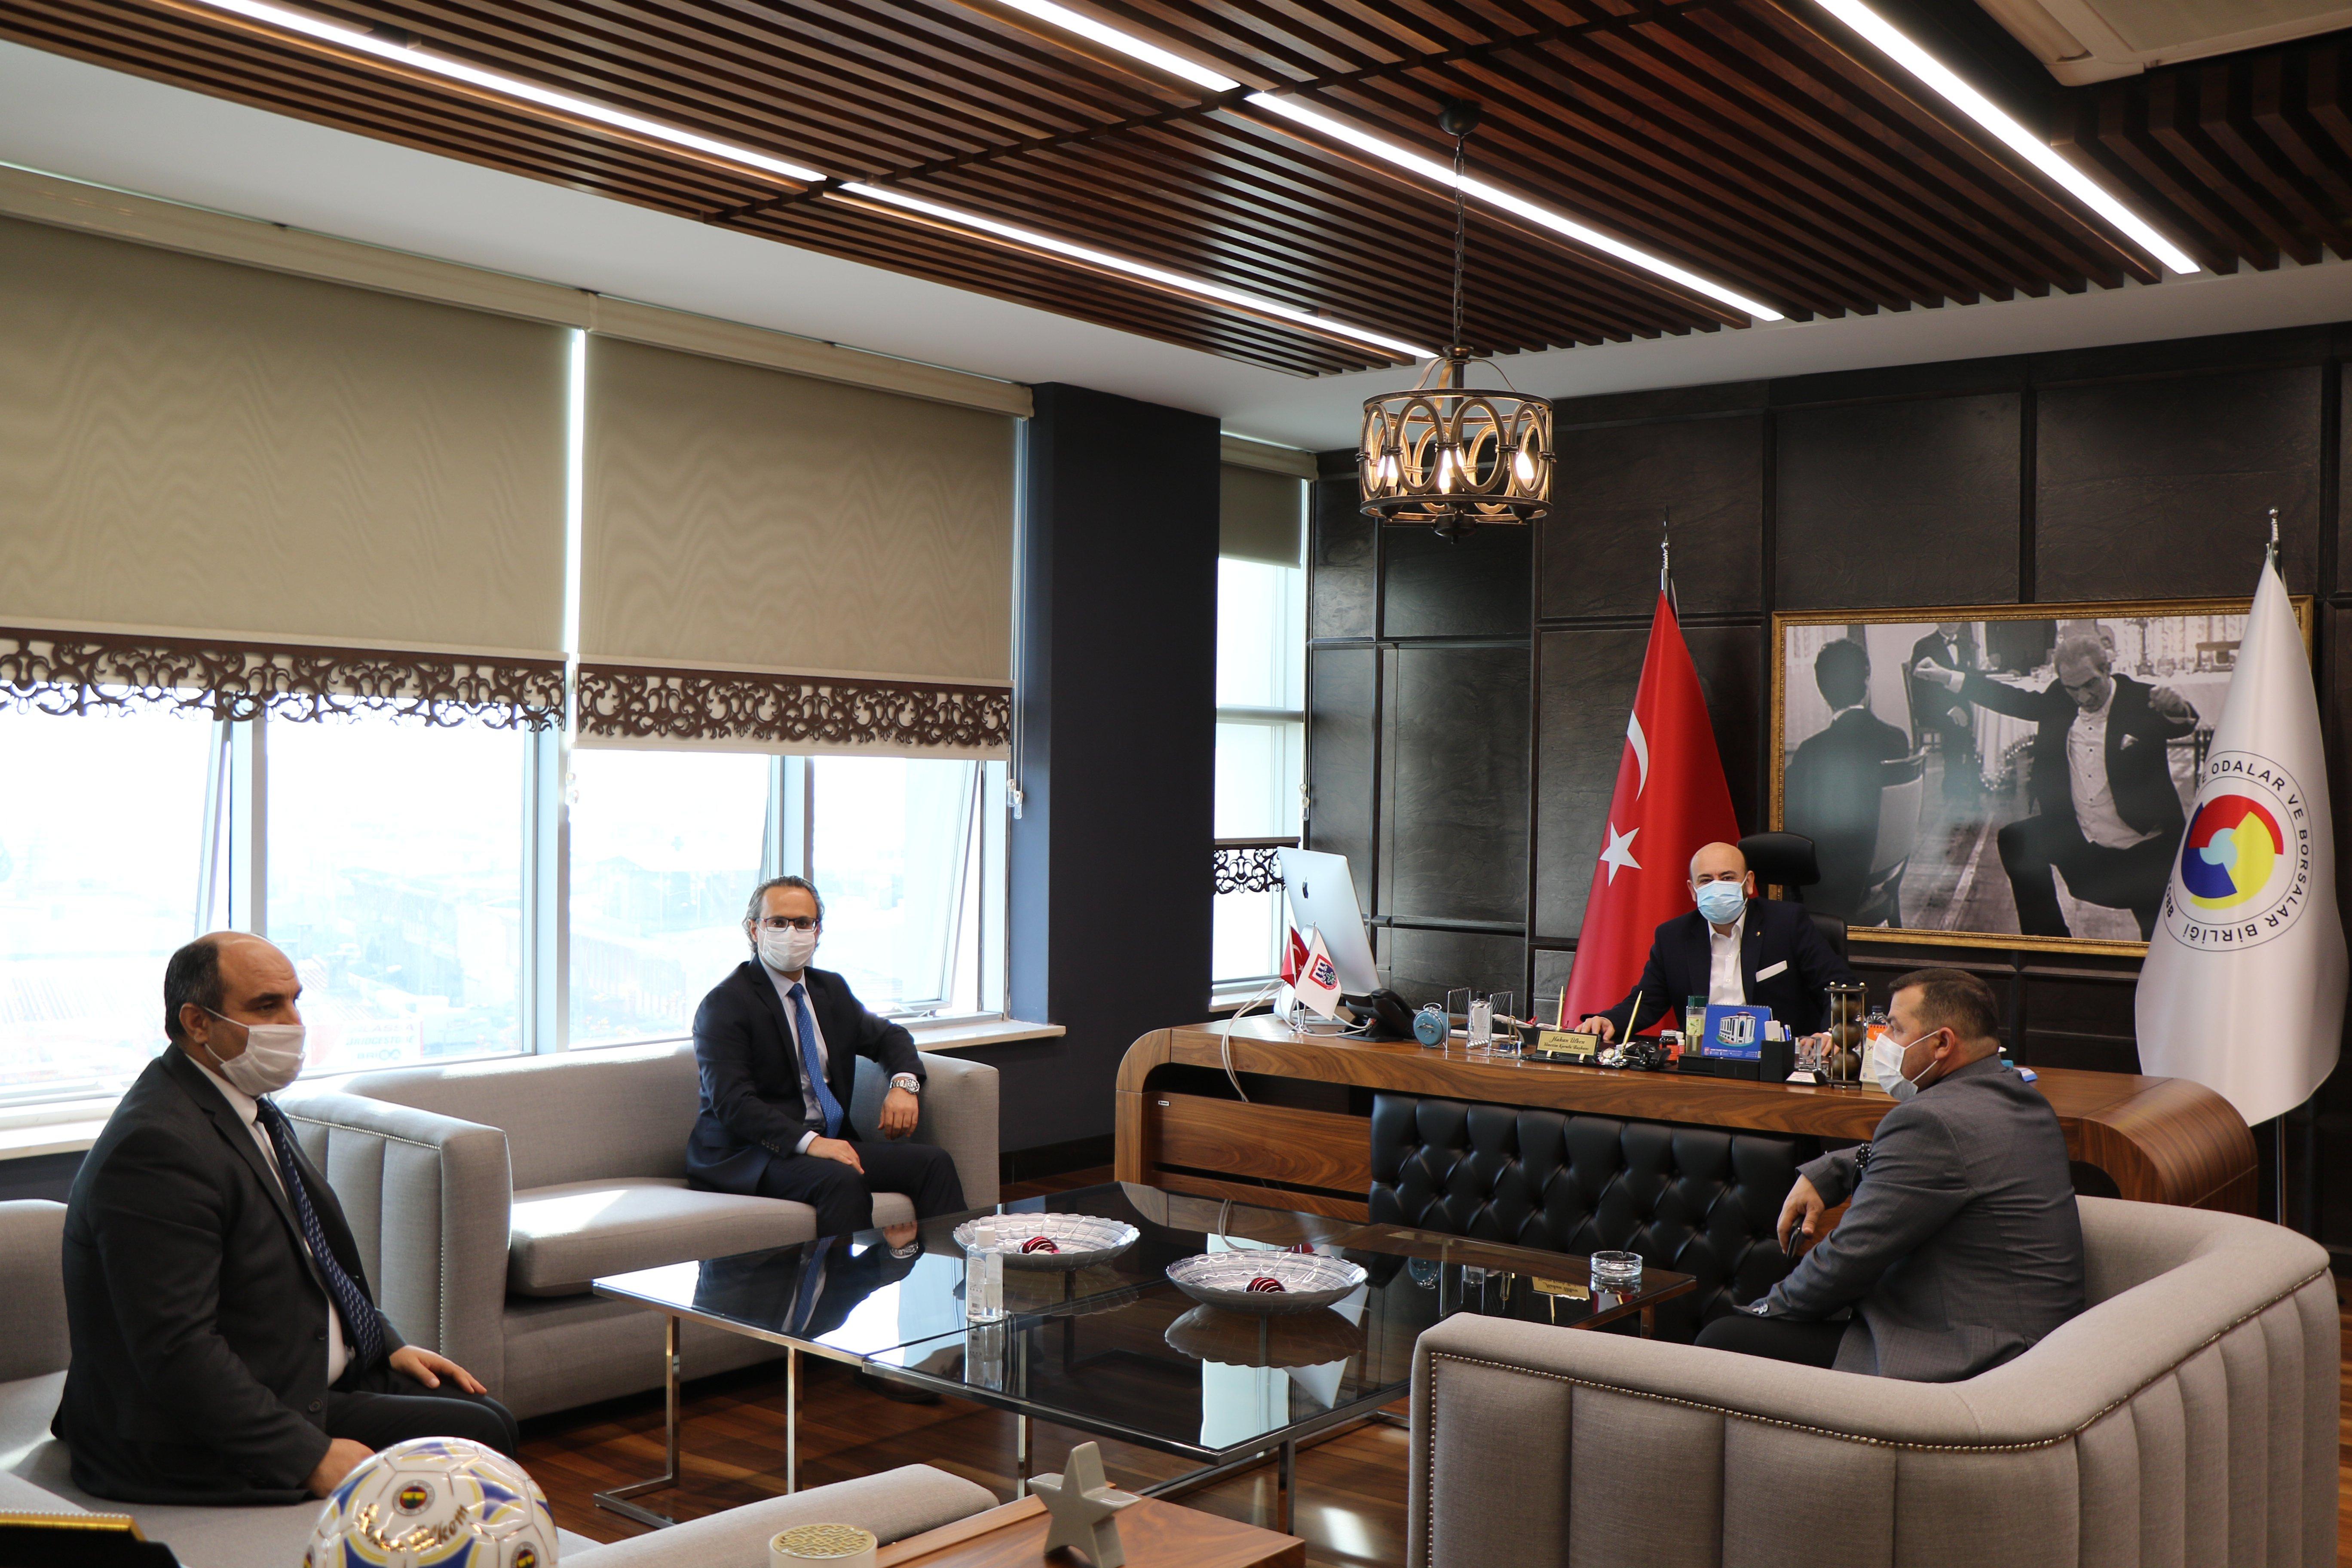 Aydın Vergi Dairesi Başkanı Serdar ŞAHİN, TOBB Yönetim Kurulu Üyesi ve Odamız Başkanı Hakan ÜLKEN' i makamında ziyaret etti